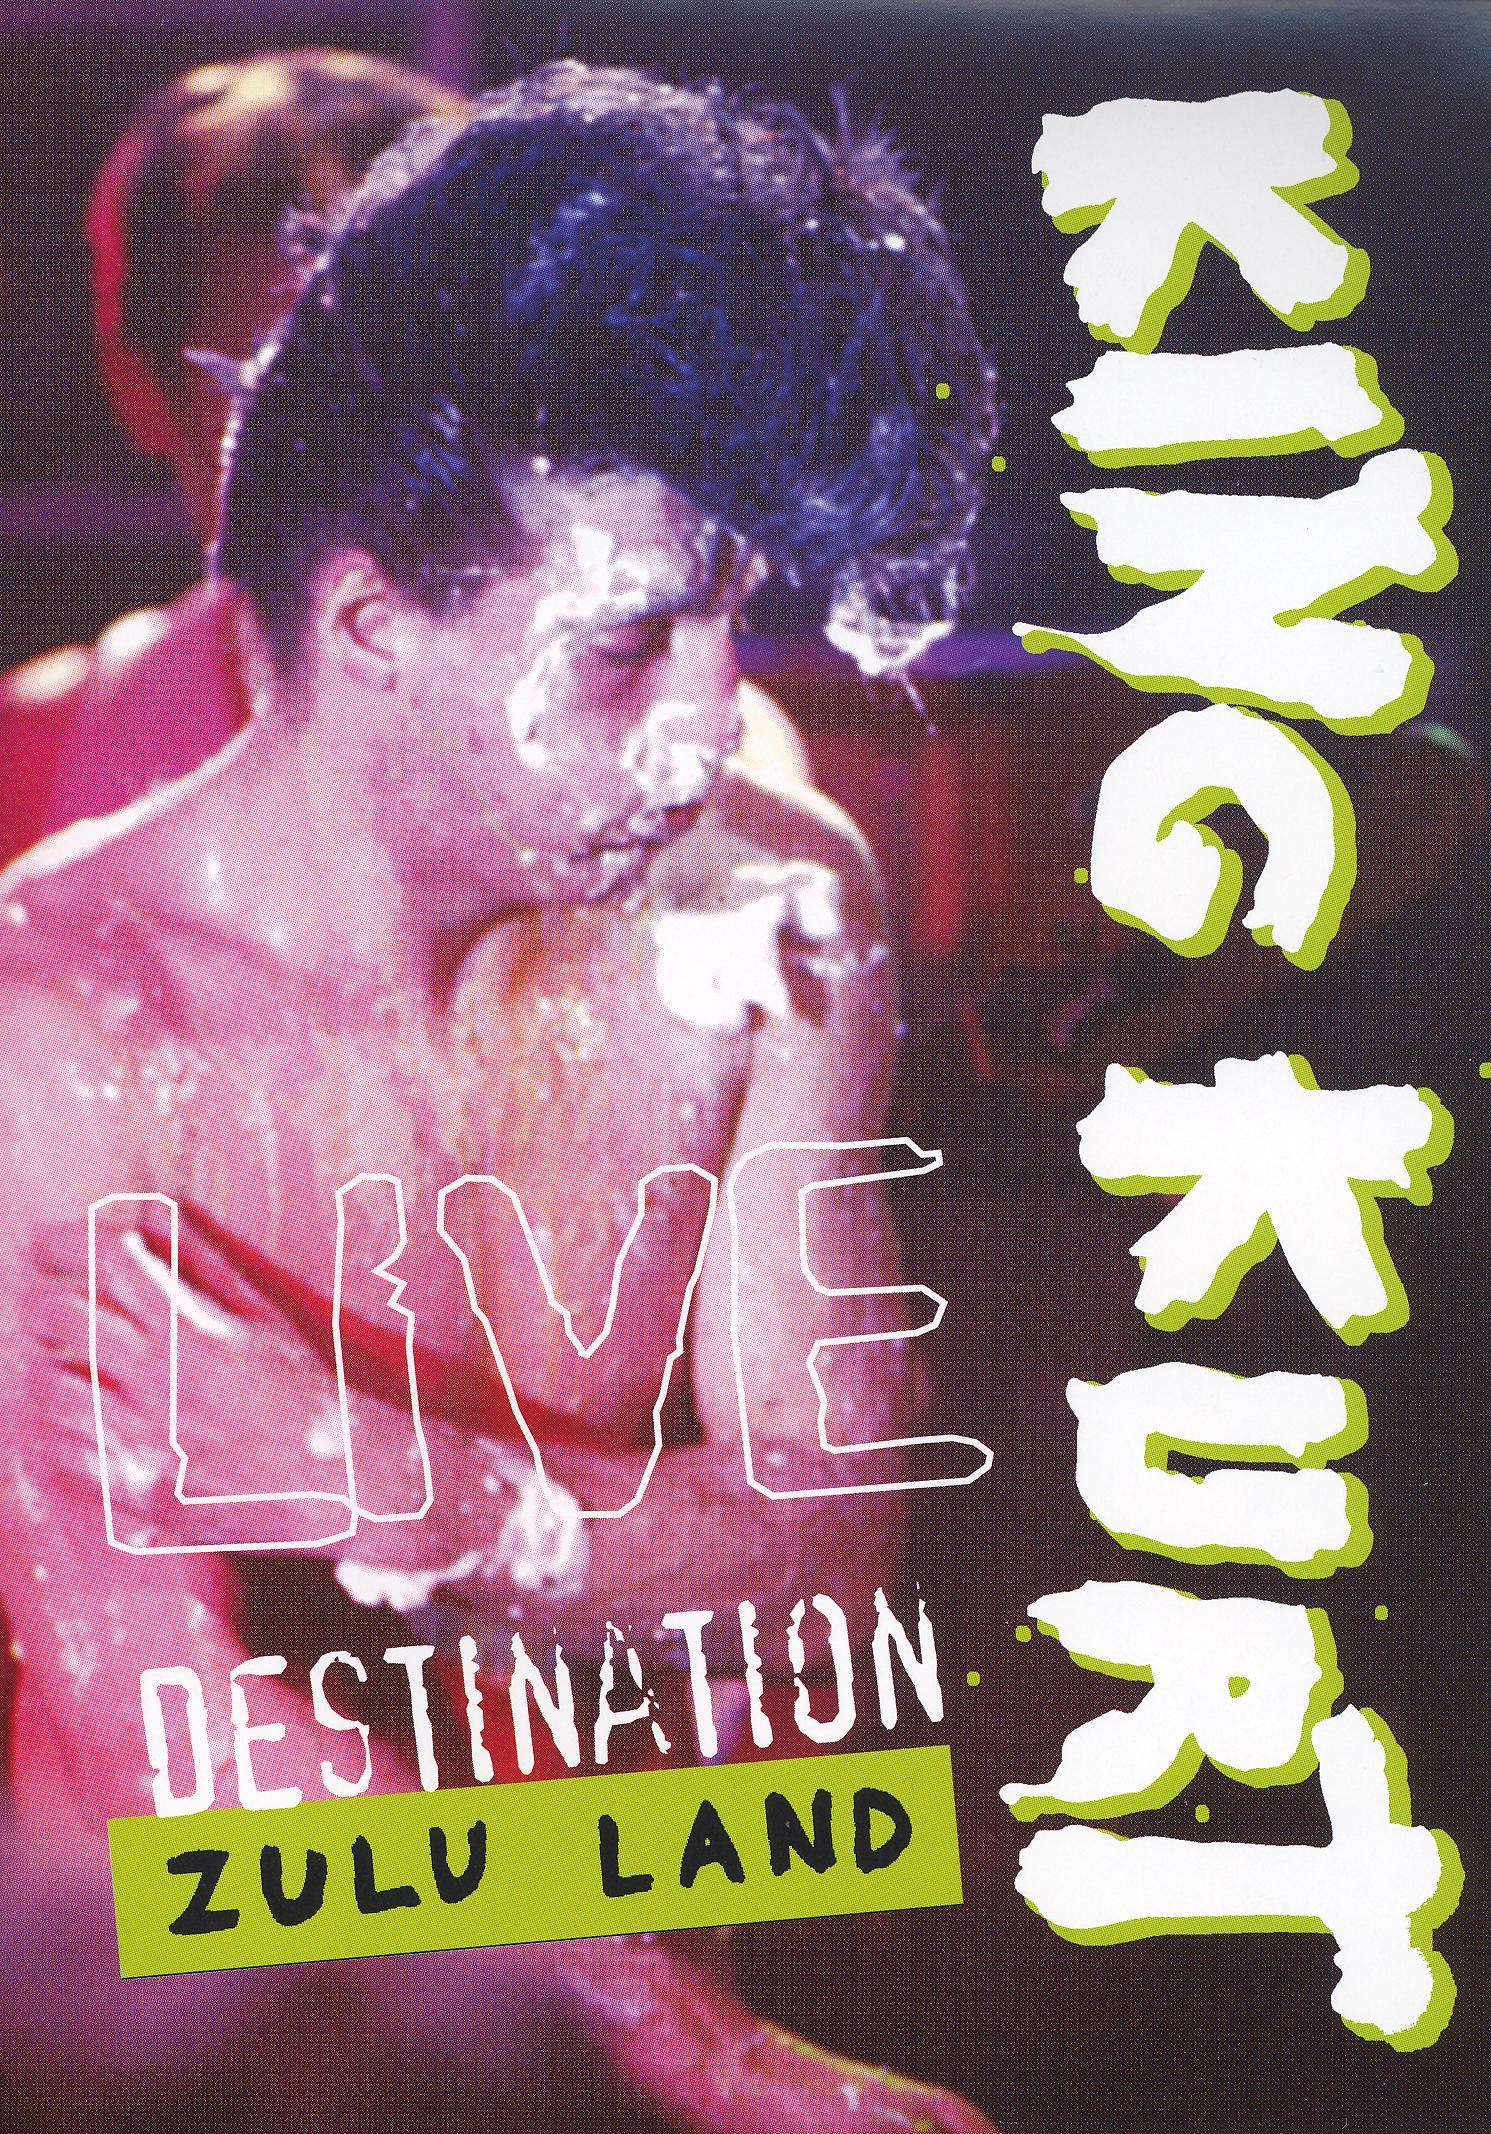 King Kurt: Destination Zululand - King Kurt Live